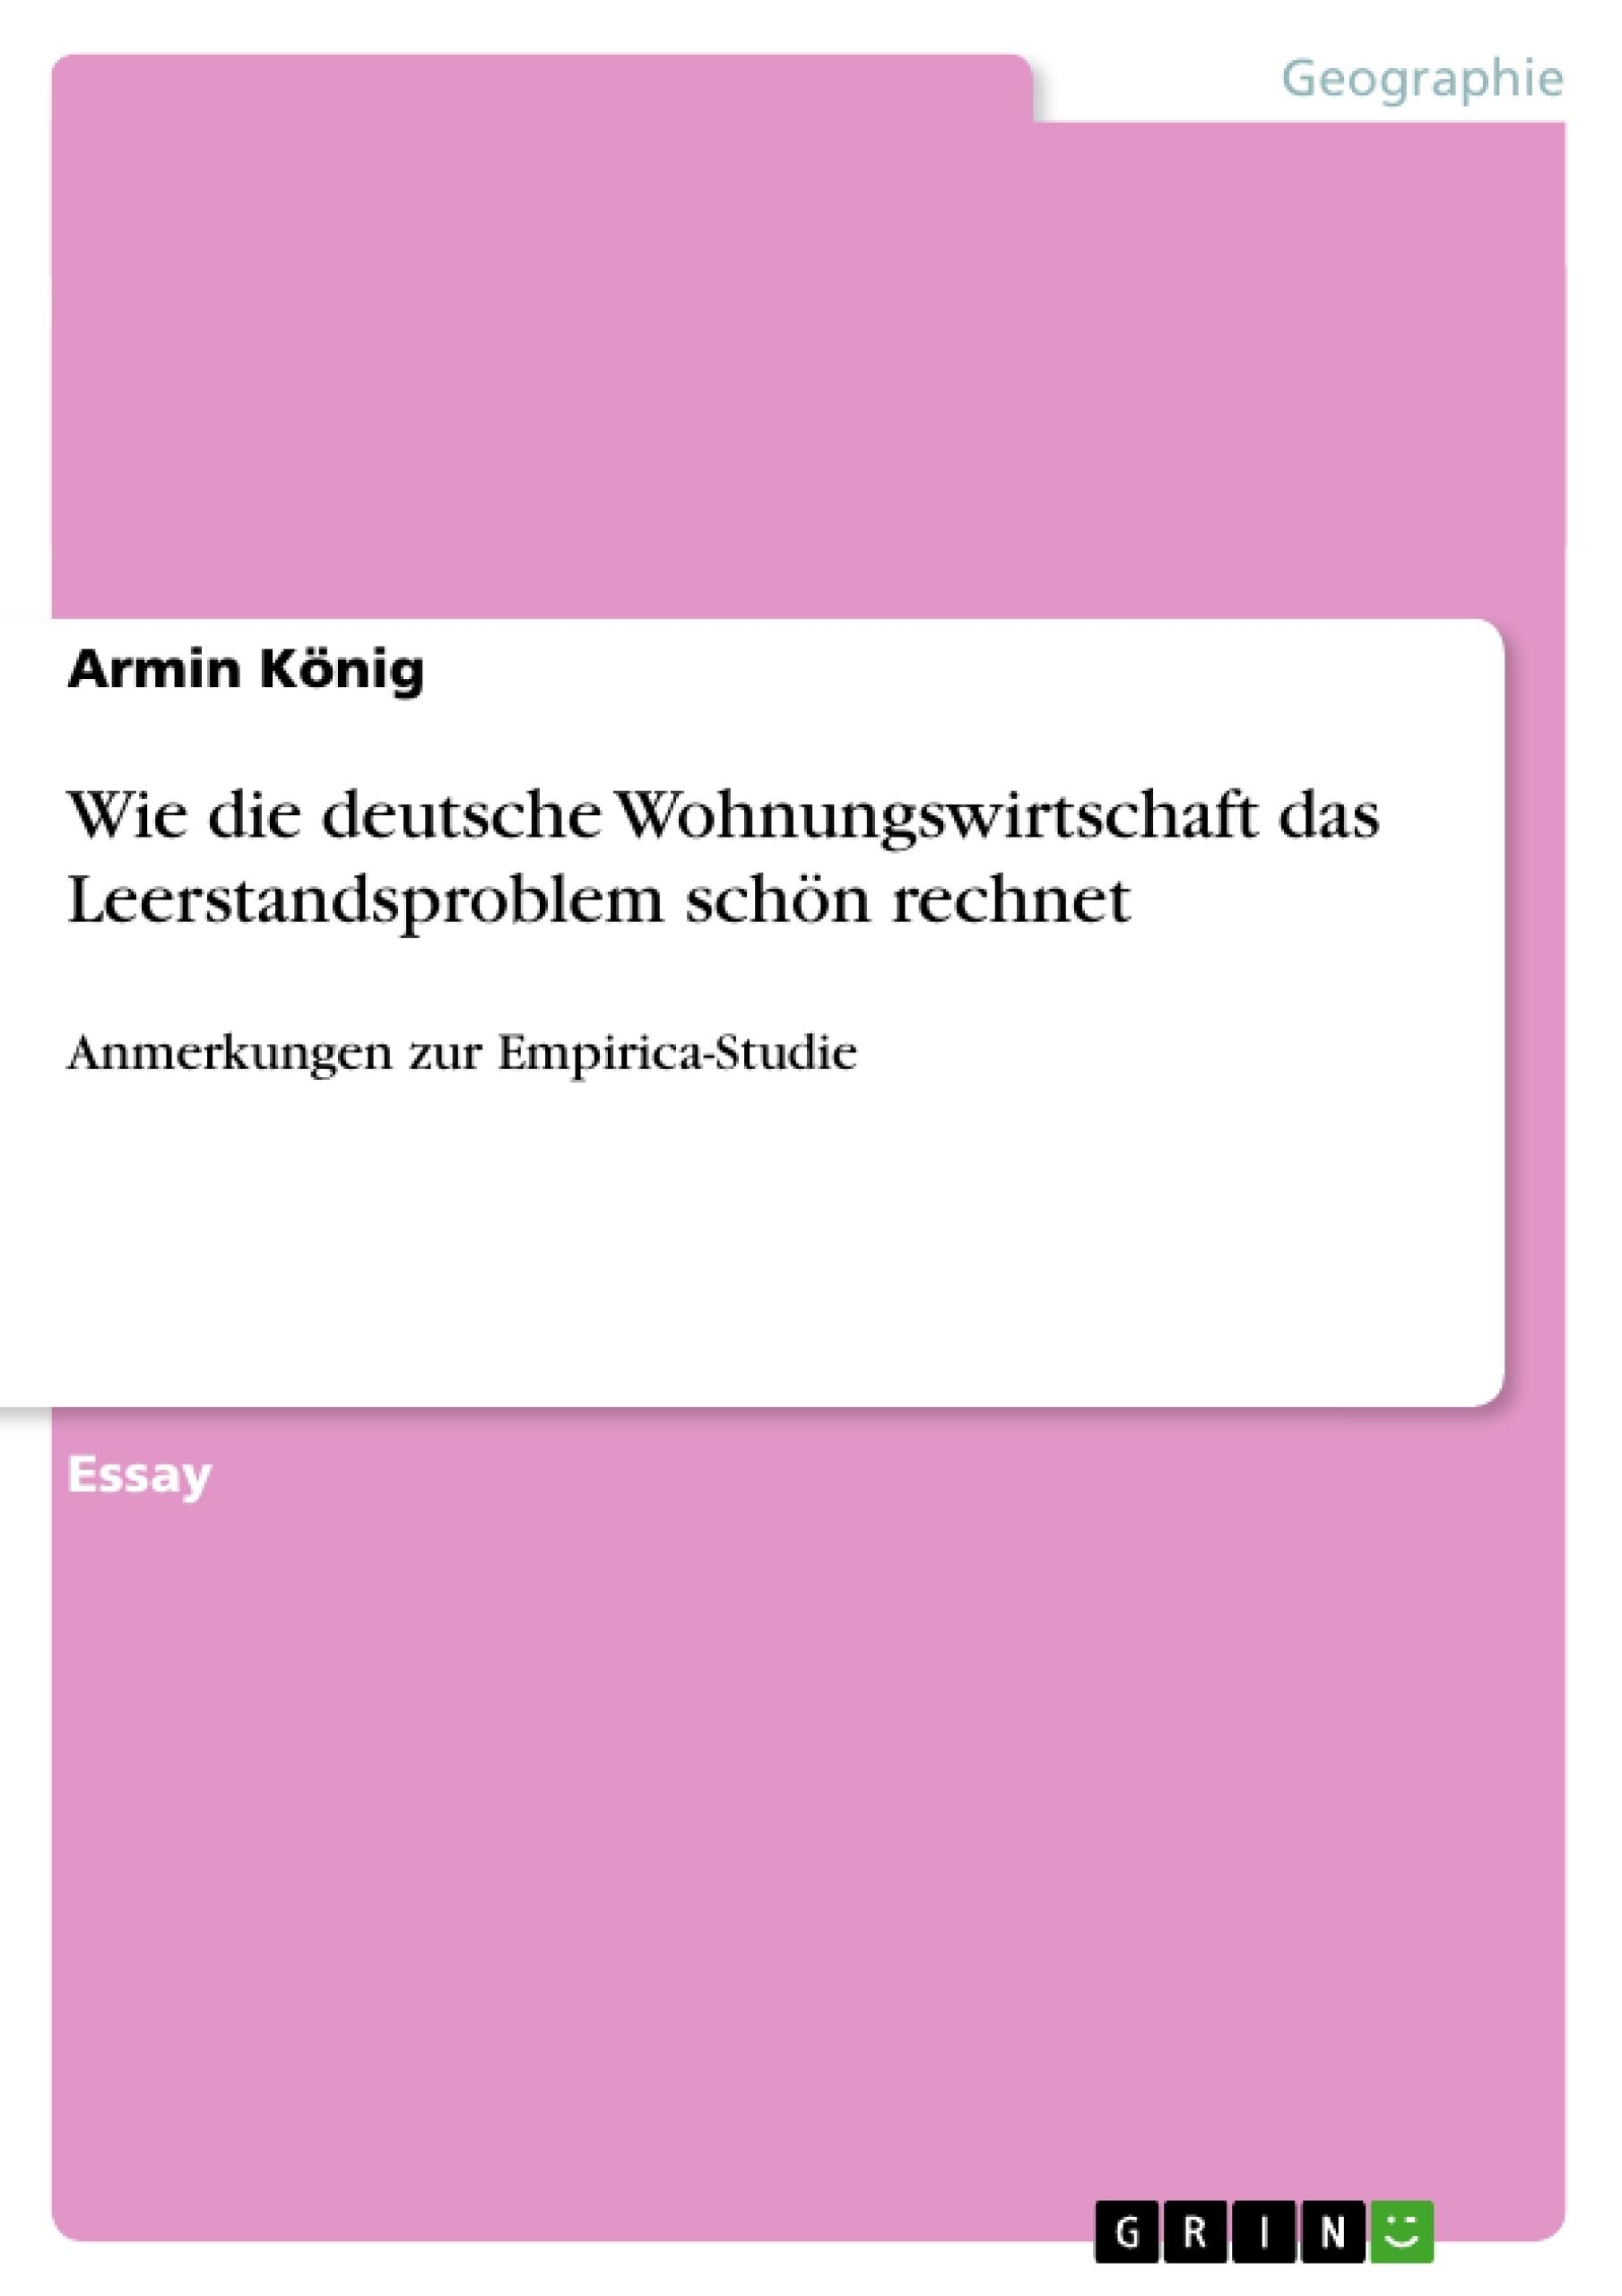 Titel: Wie die deutsche Wohnungswirtschaft das Leerstandsproblem schön rechnet